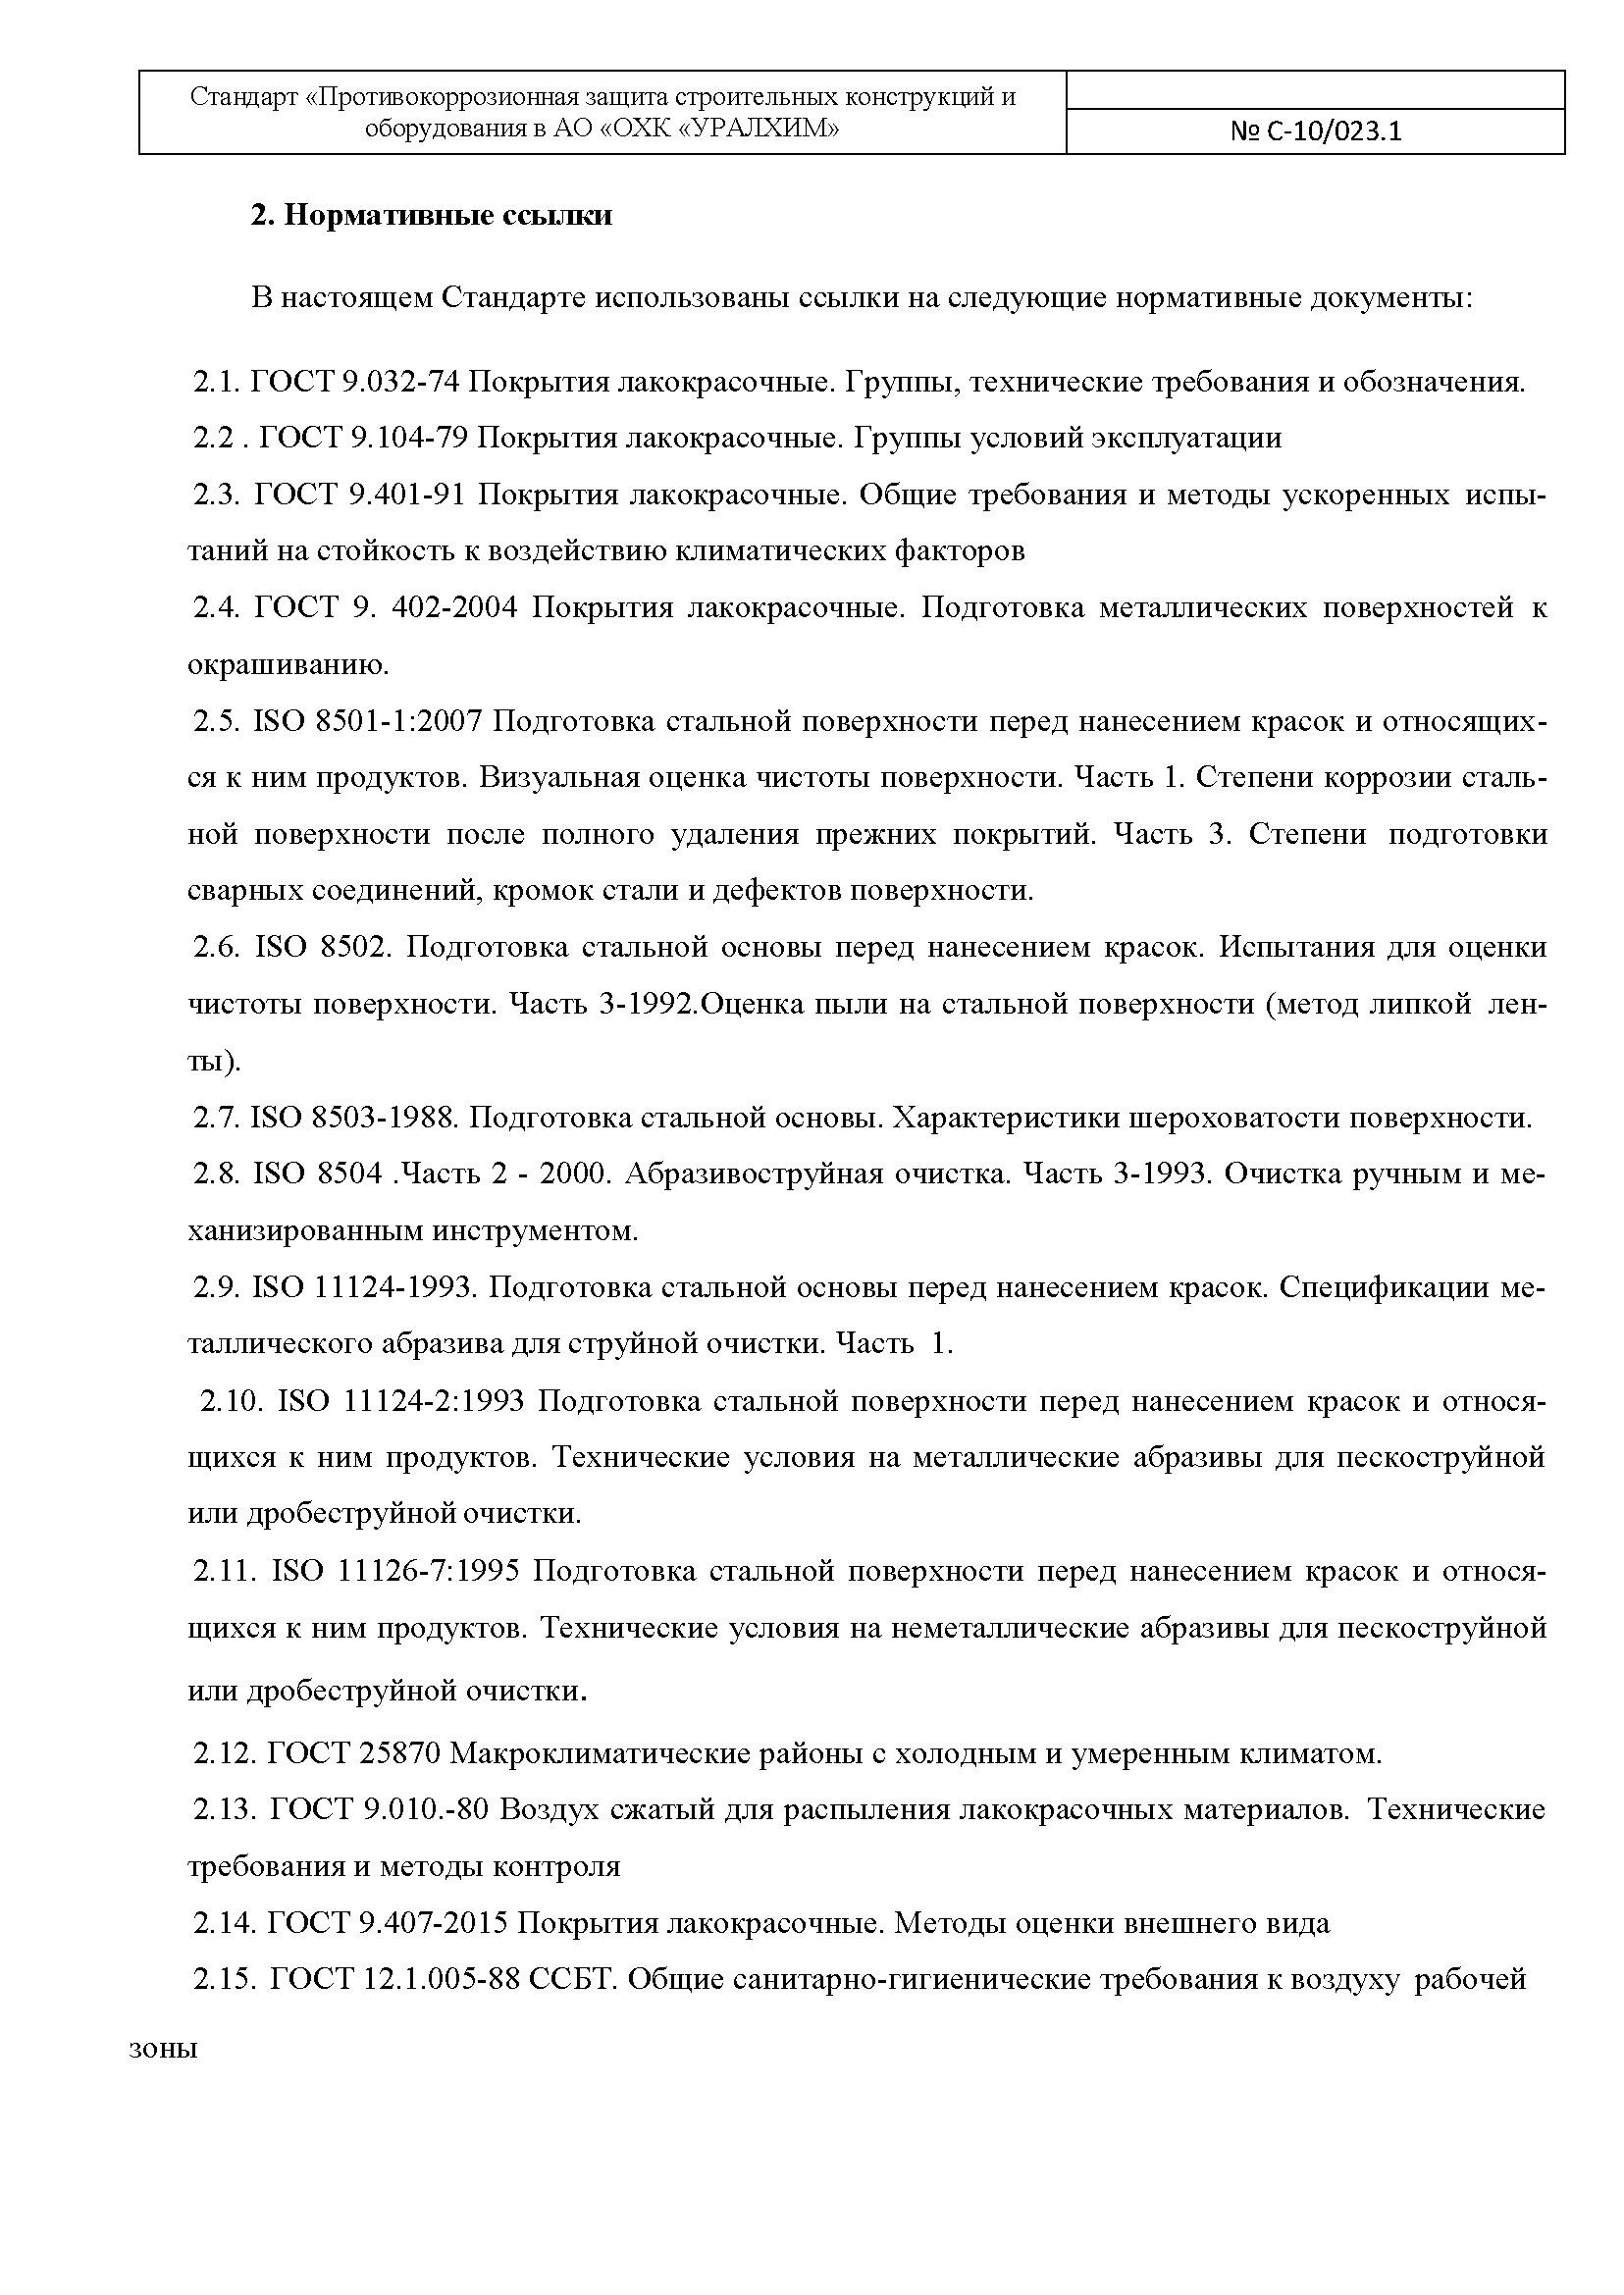 Выписка из Стандарта Противокоррозионная защита строительных конструкций и оборудования АО ОХК УРЛХИМ_Страница_04